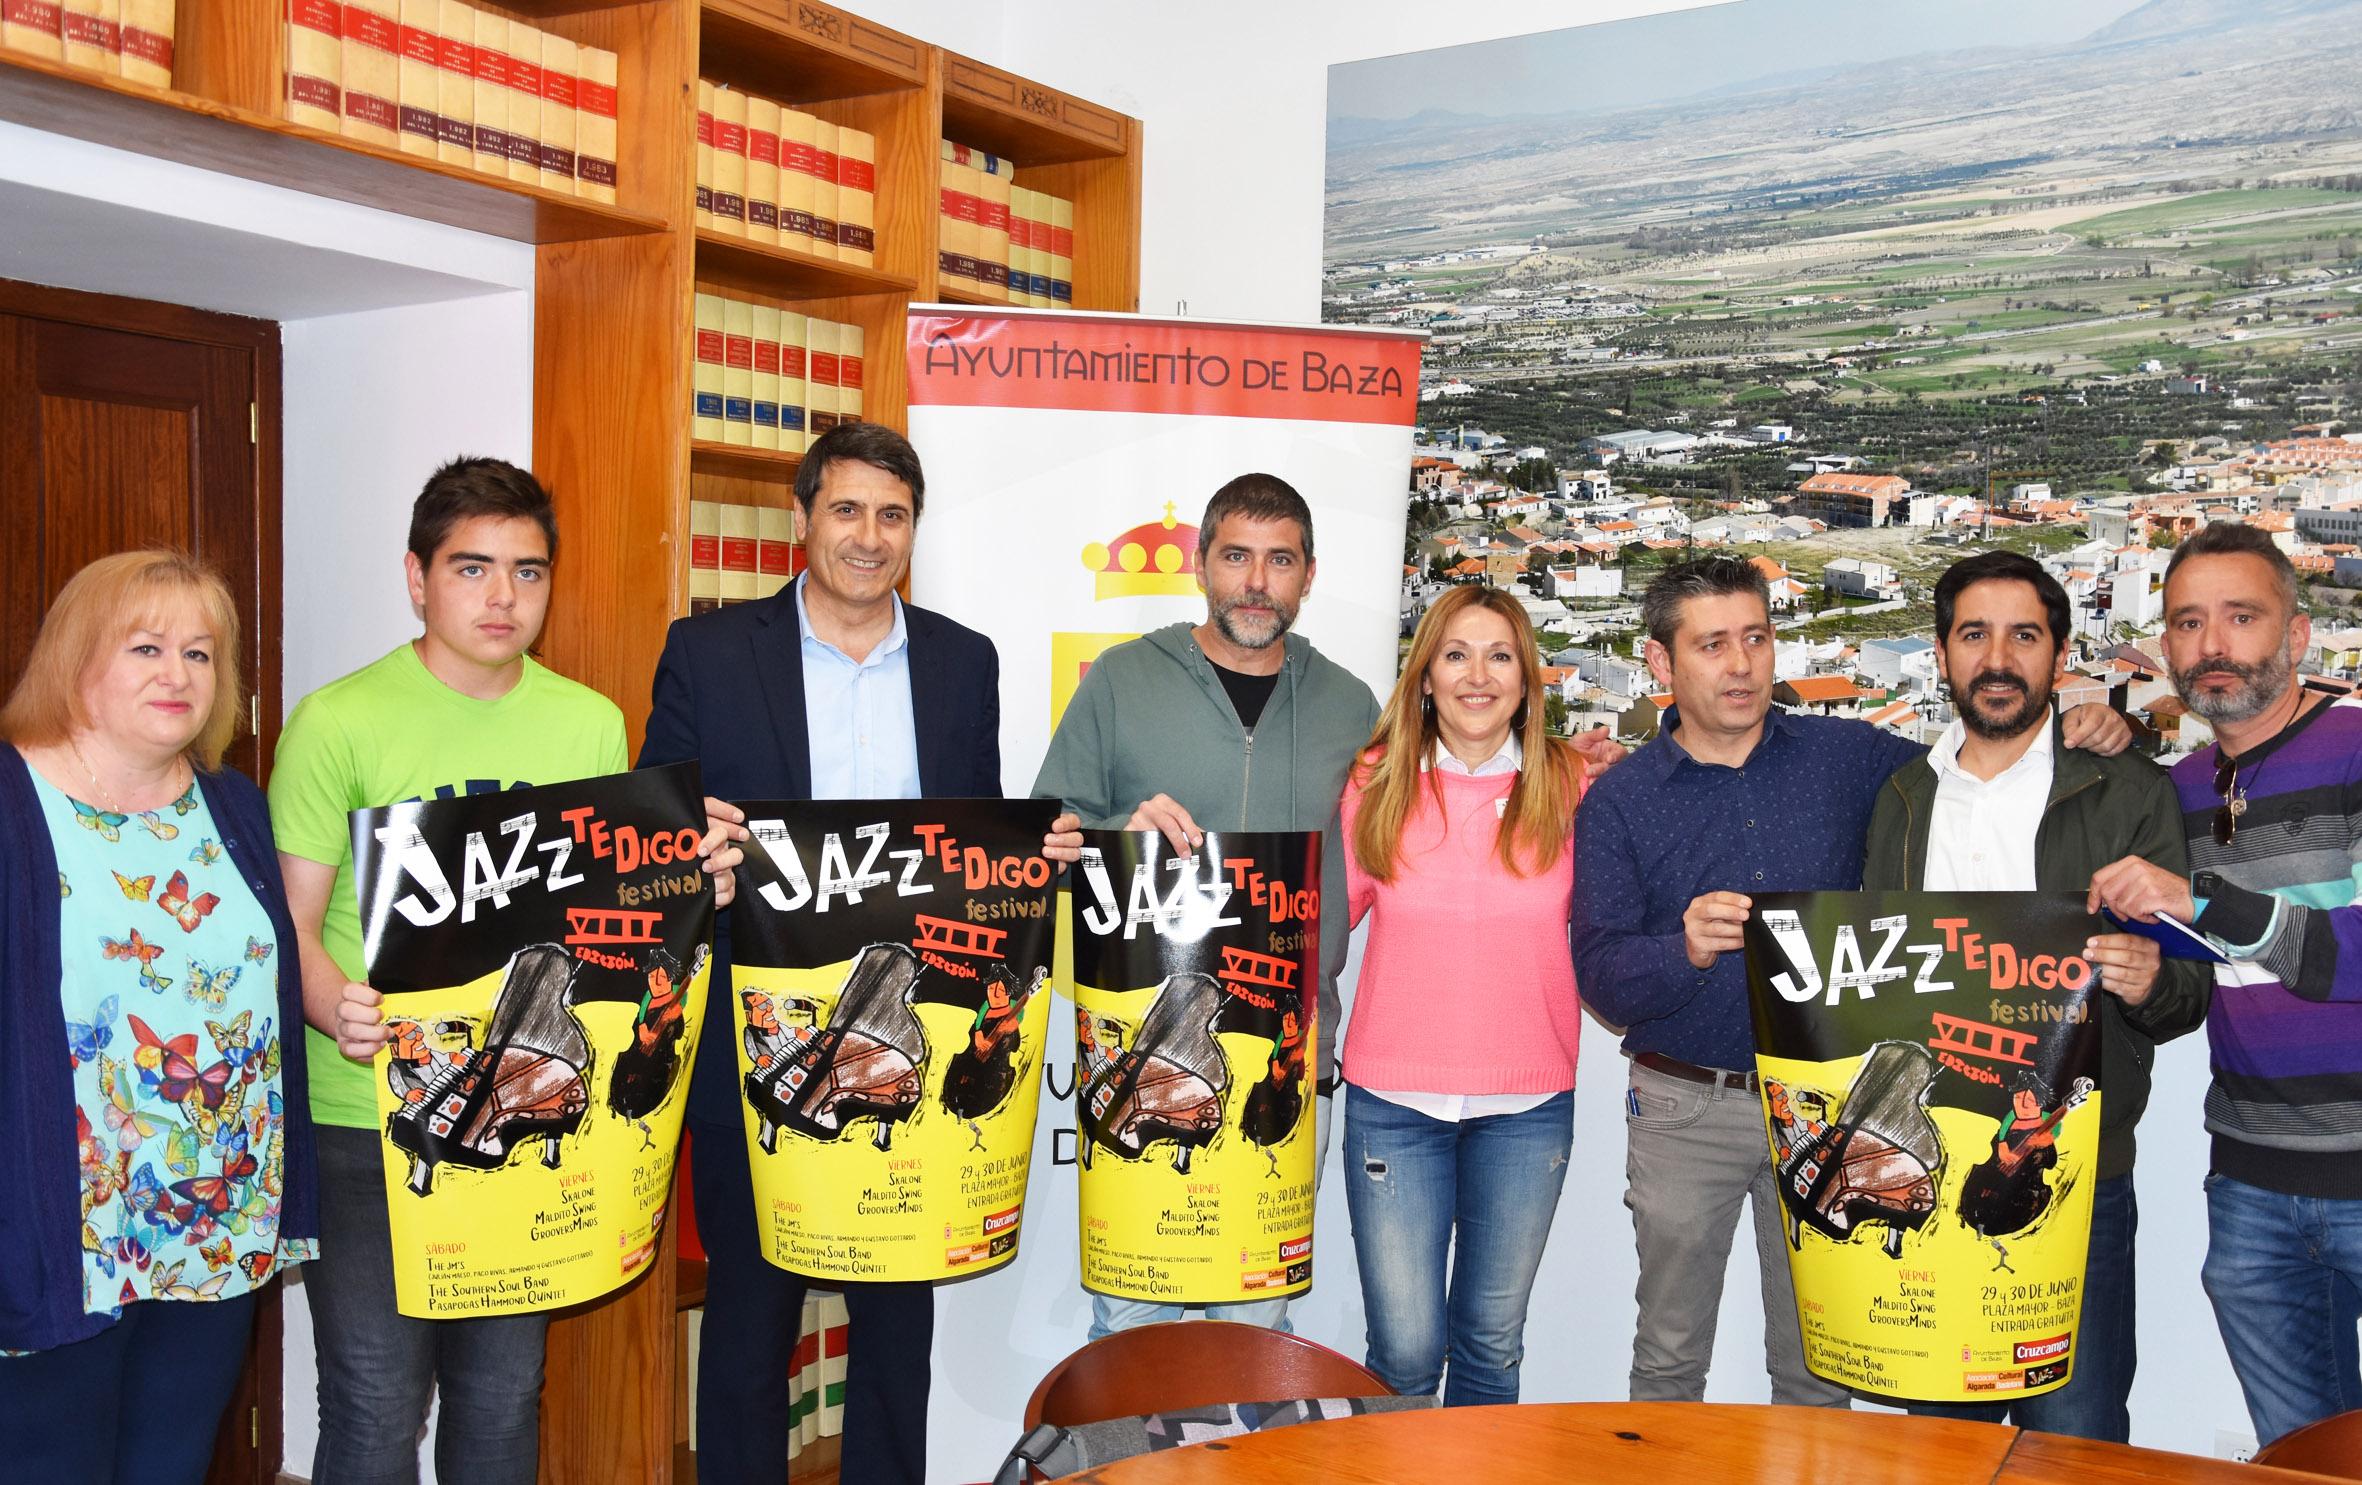 Organizadores y ganador del concurso de cartel